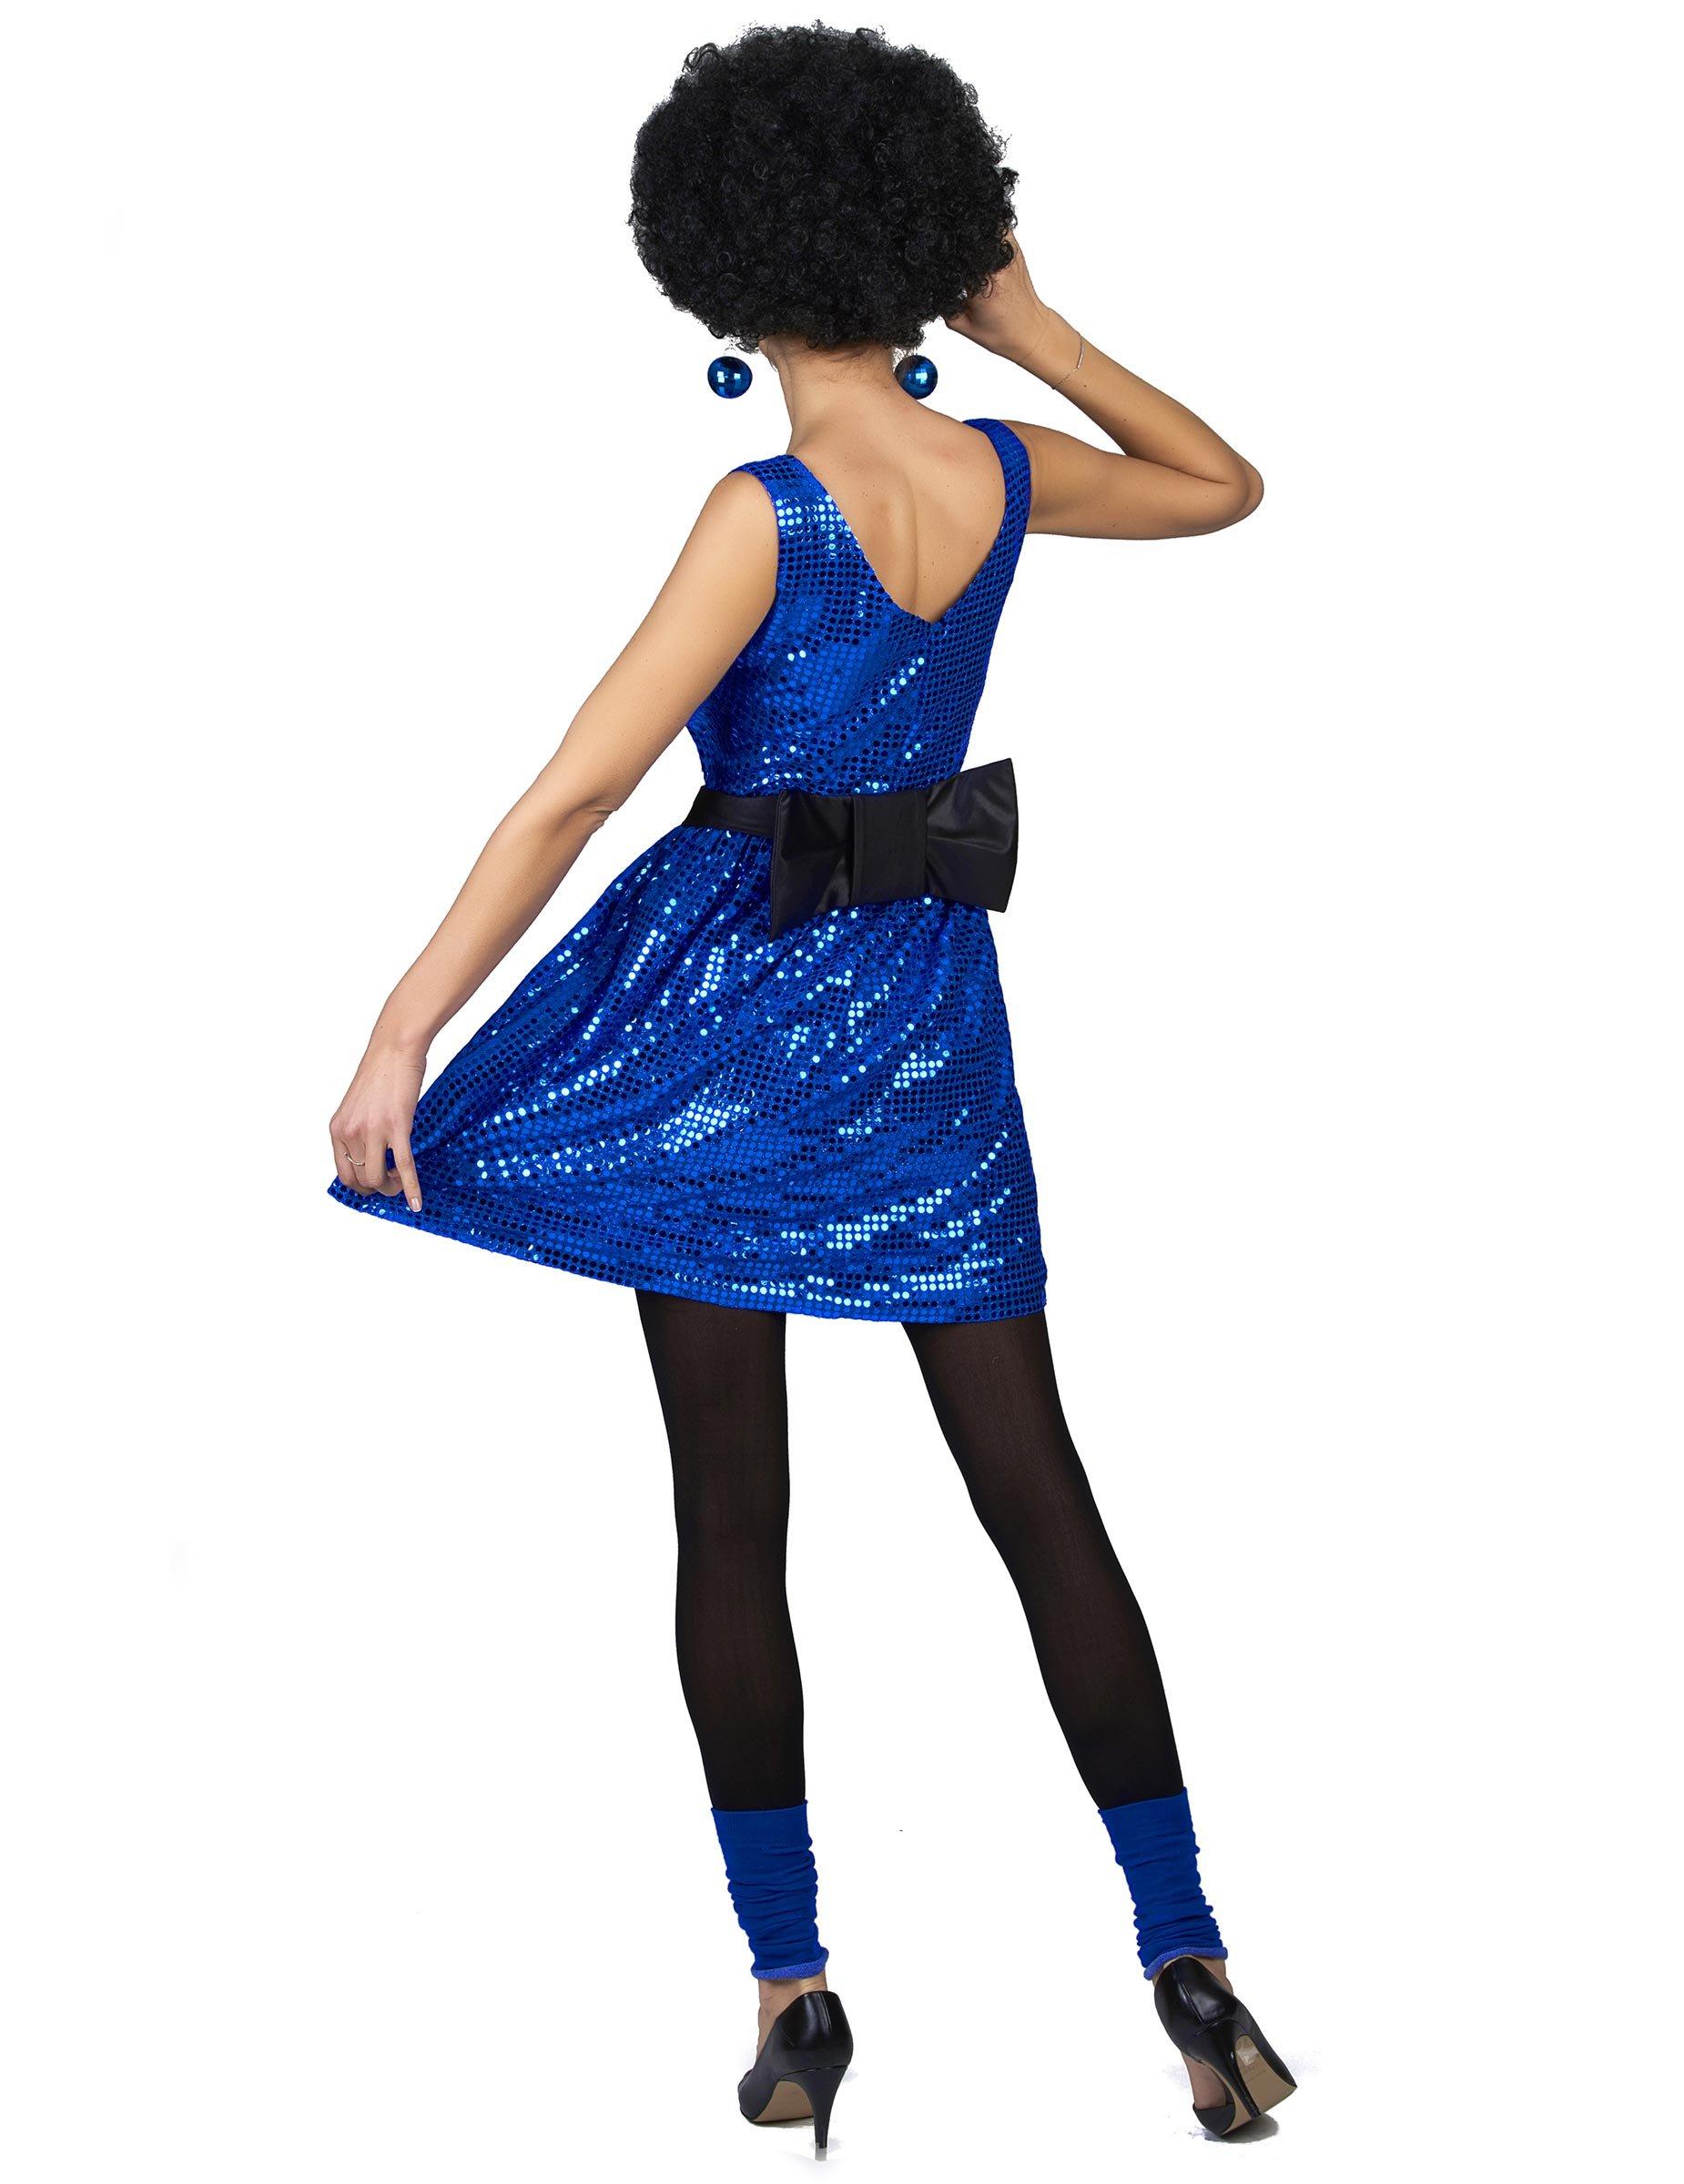 6504684ccd3c Schickes Disco-Kleid mit Pailletten und Schleife blau